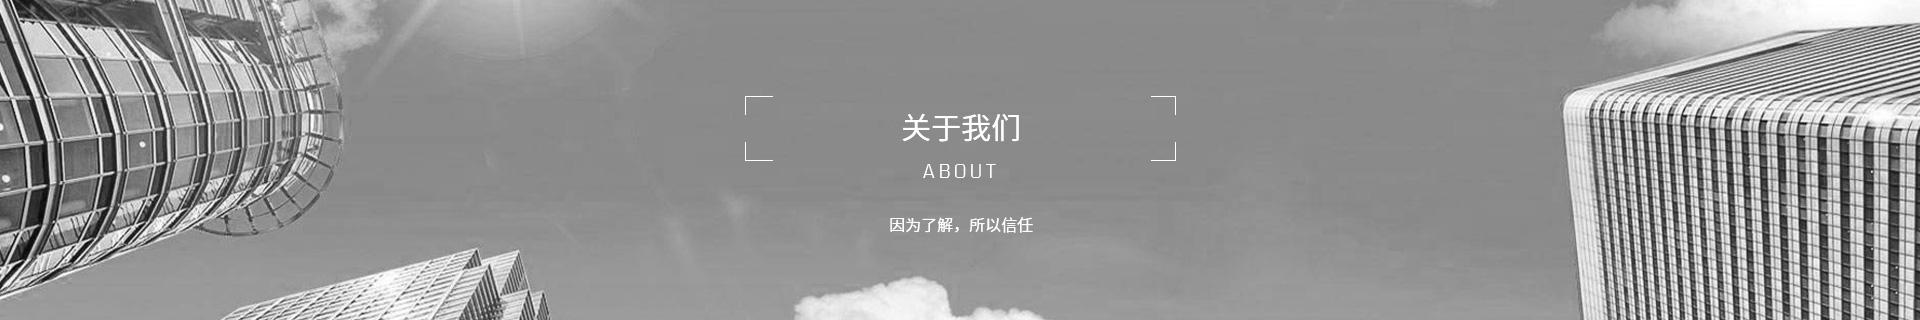 翼德(北京)科技有限公司